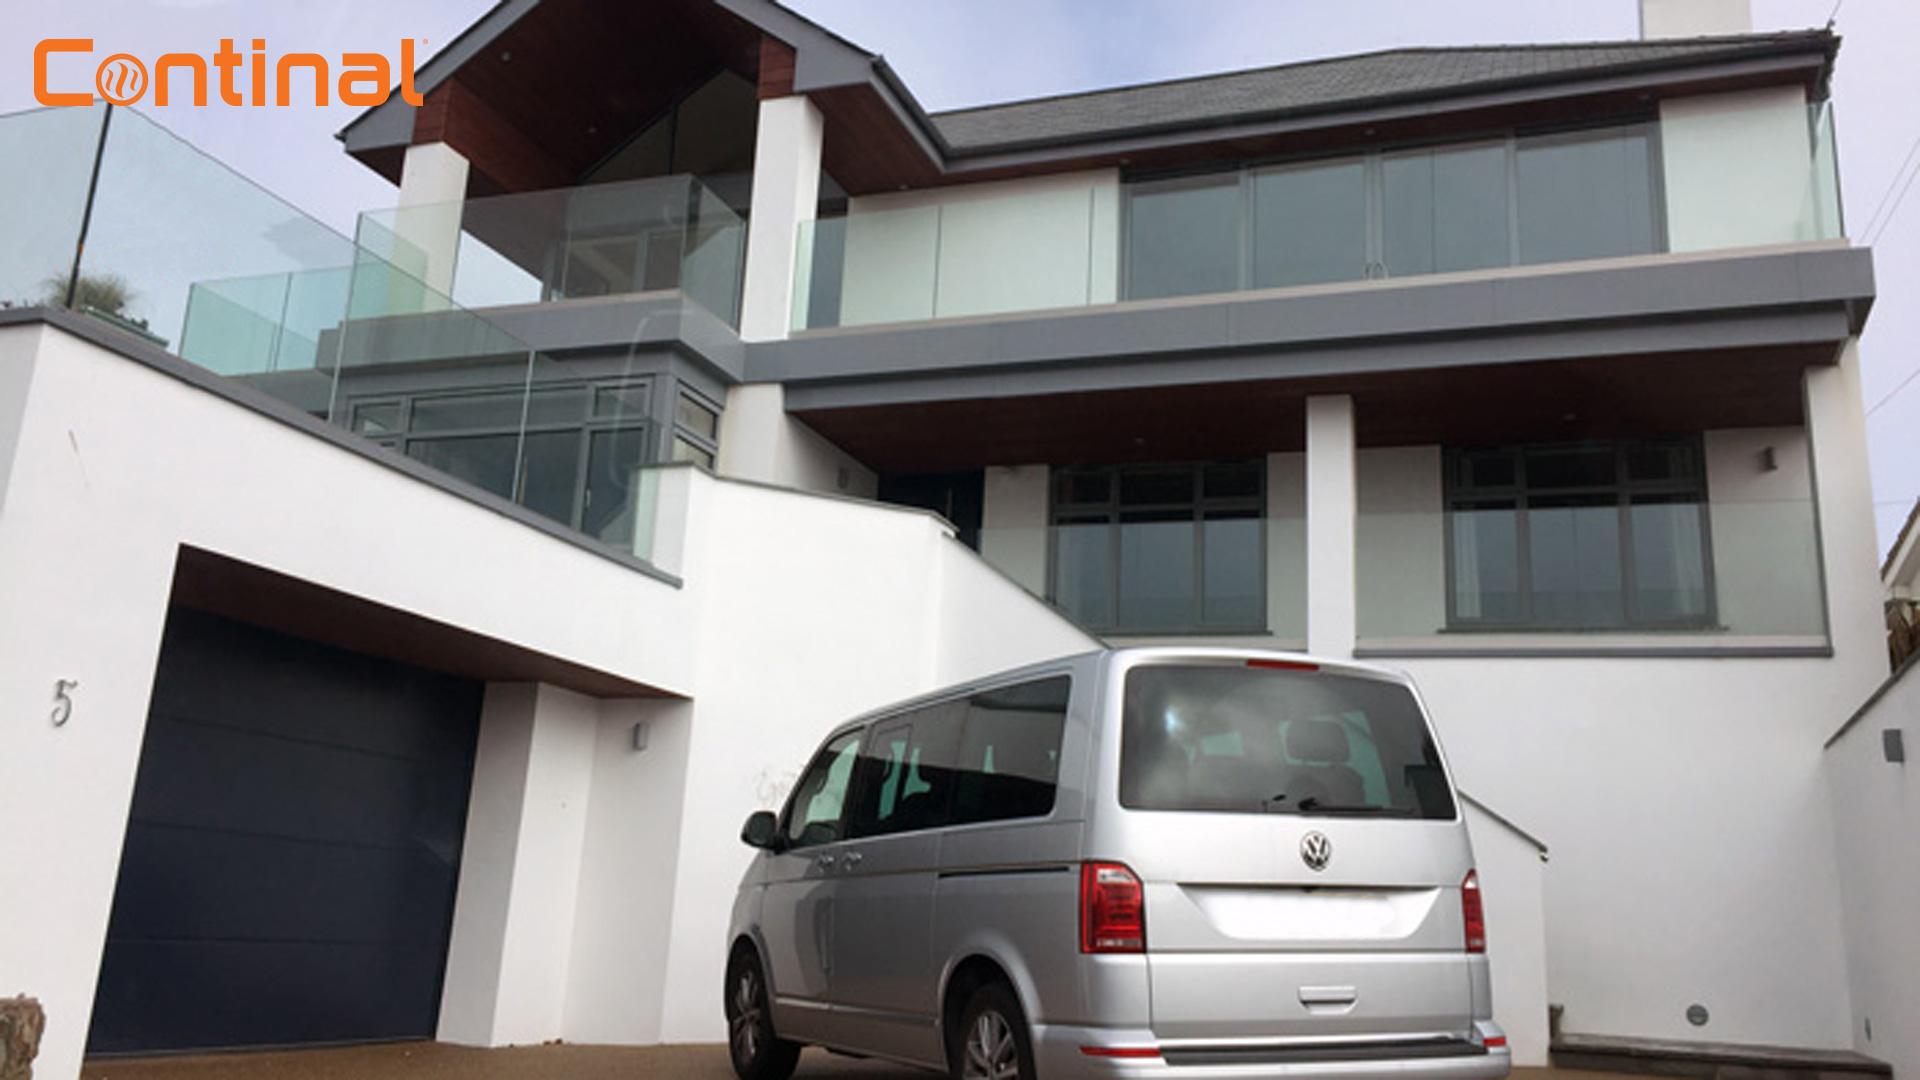 4-bedroom detached new build